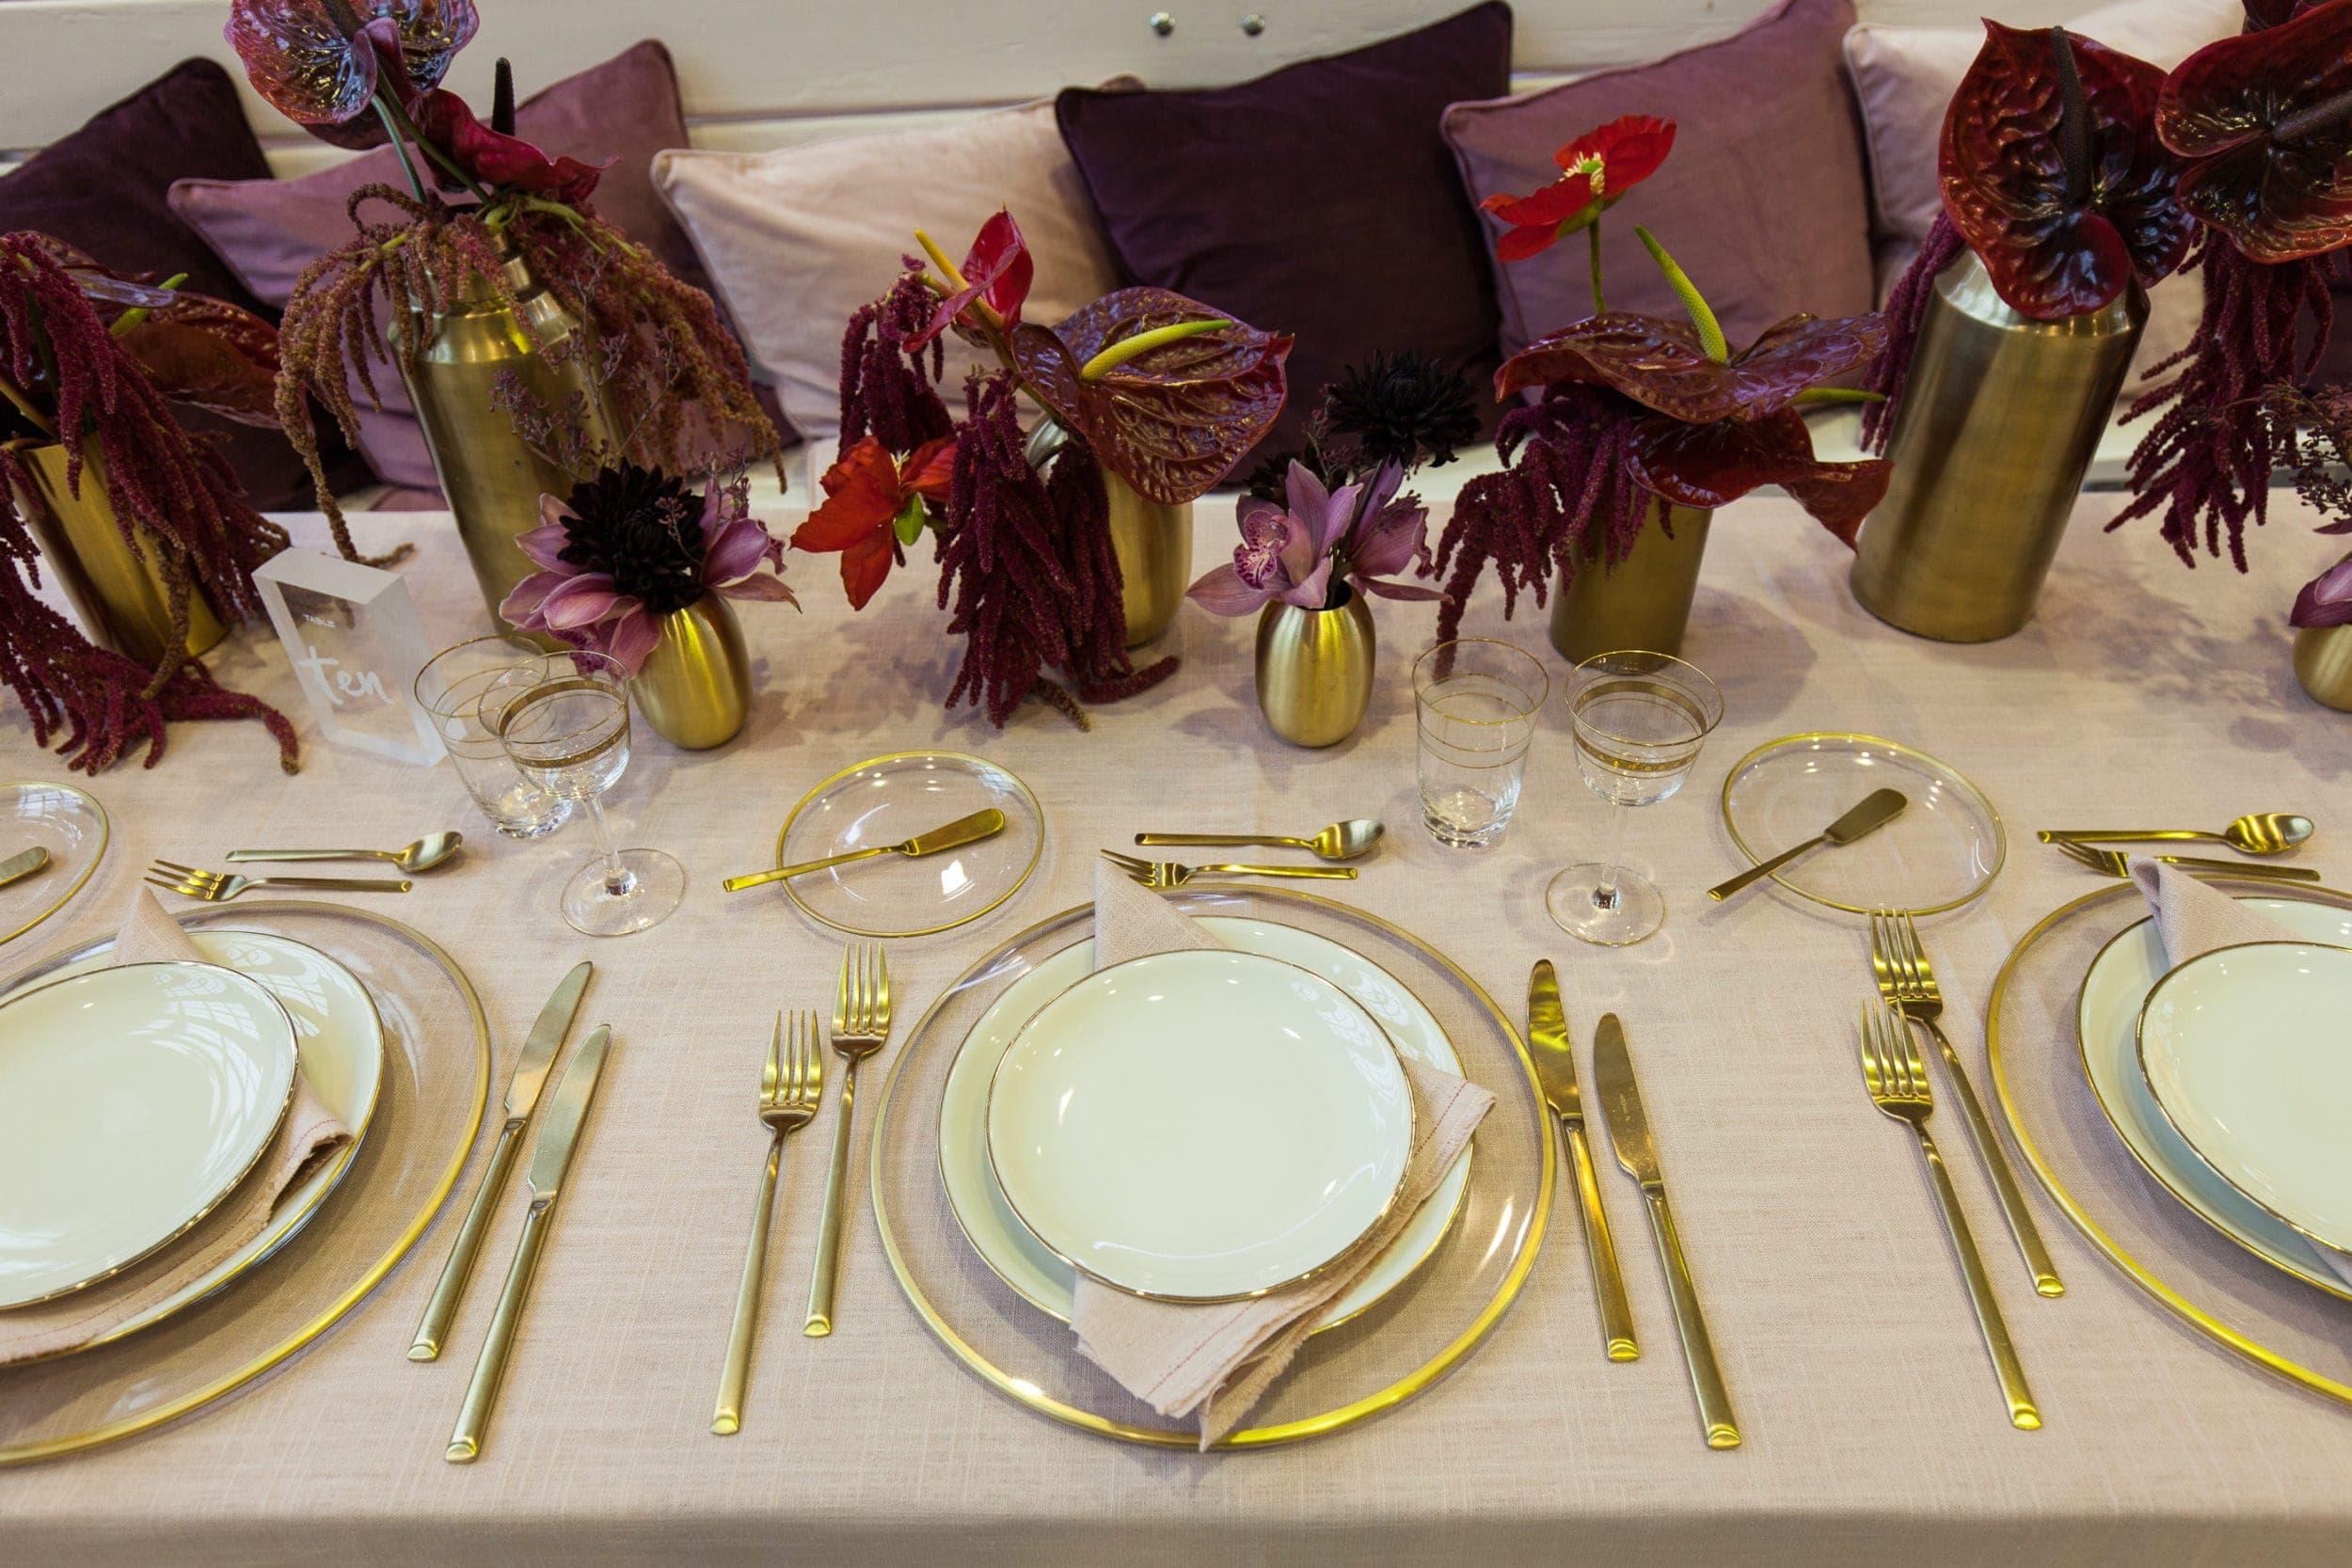 Brotteller Sofia Klarglas mit Goldrand | Schlichte Brotteller aus Klarglas mit mattem Goldrand zu mieten. Fügen sich in jedes Bild ein und lassen sich wunderbar dekorieren. Passend dazu kannst Du auch die Platzteller Sofia mit mattem Goldrand und einem Durchmesser von 32 cm mieten. | gotvintage Rental & Event Design